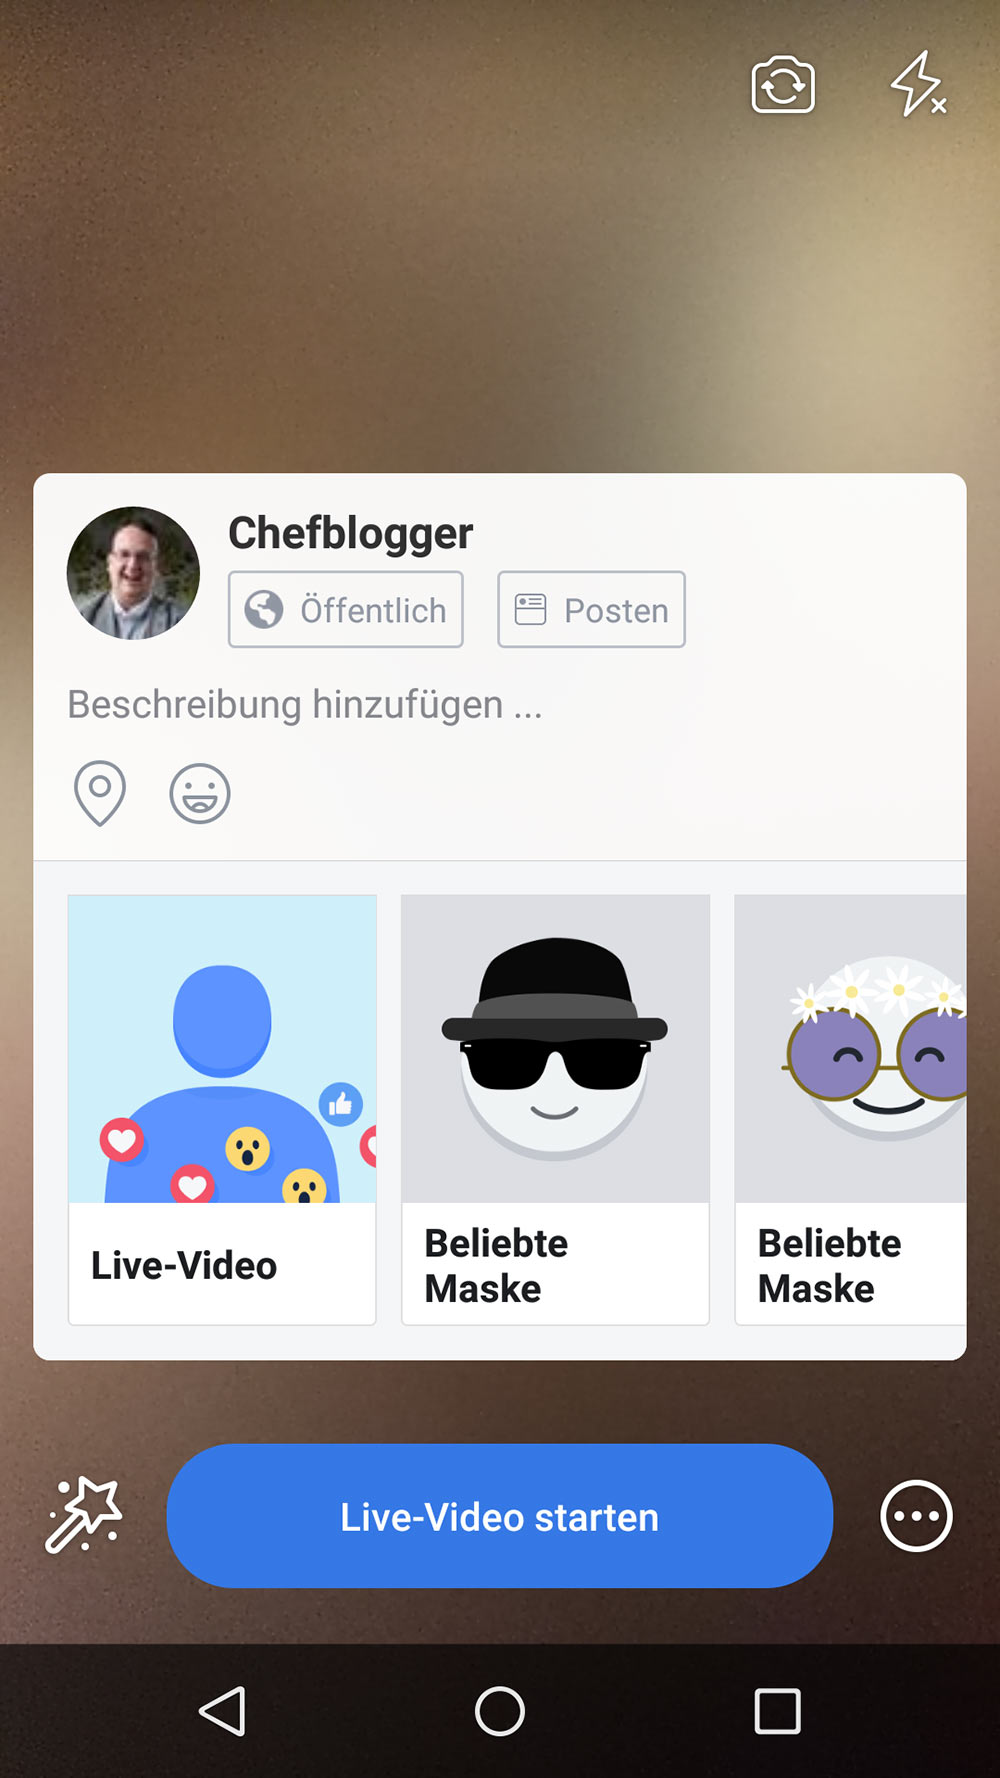 facebook live video 7 - Wie starte ich ein Live Video / Livestream bei Facebook